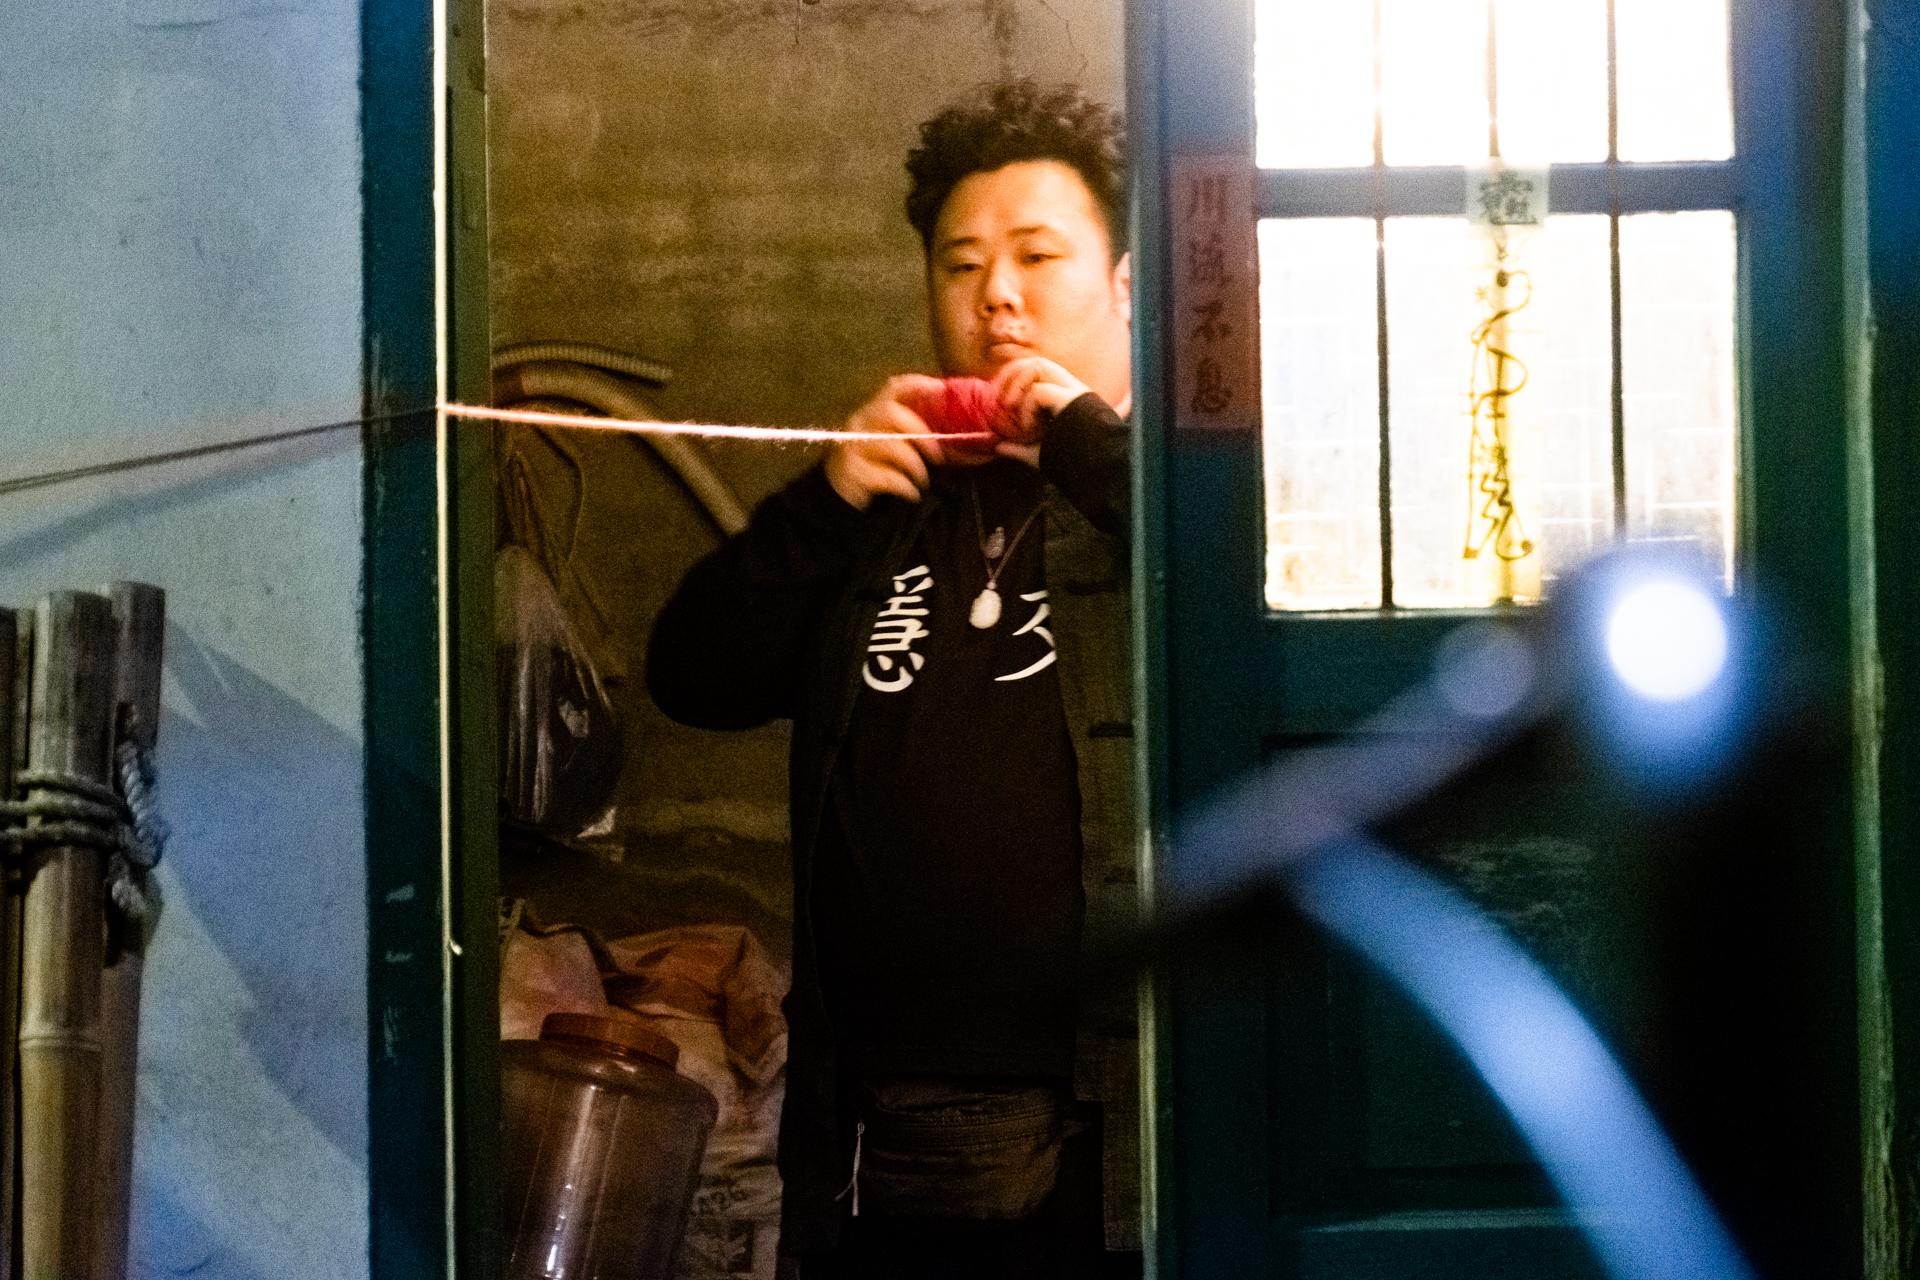 劉國劭片中穿著流行語T恤,成為話題 \華影國際提供